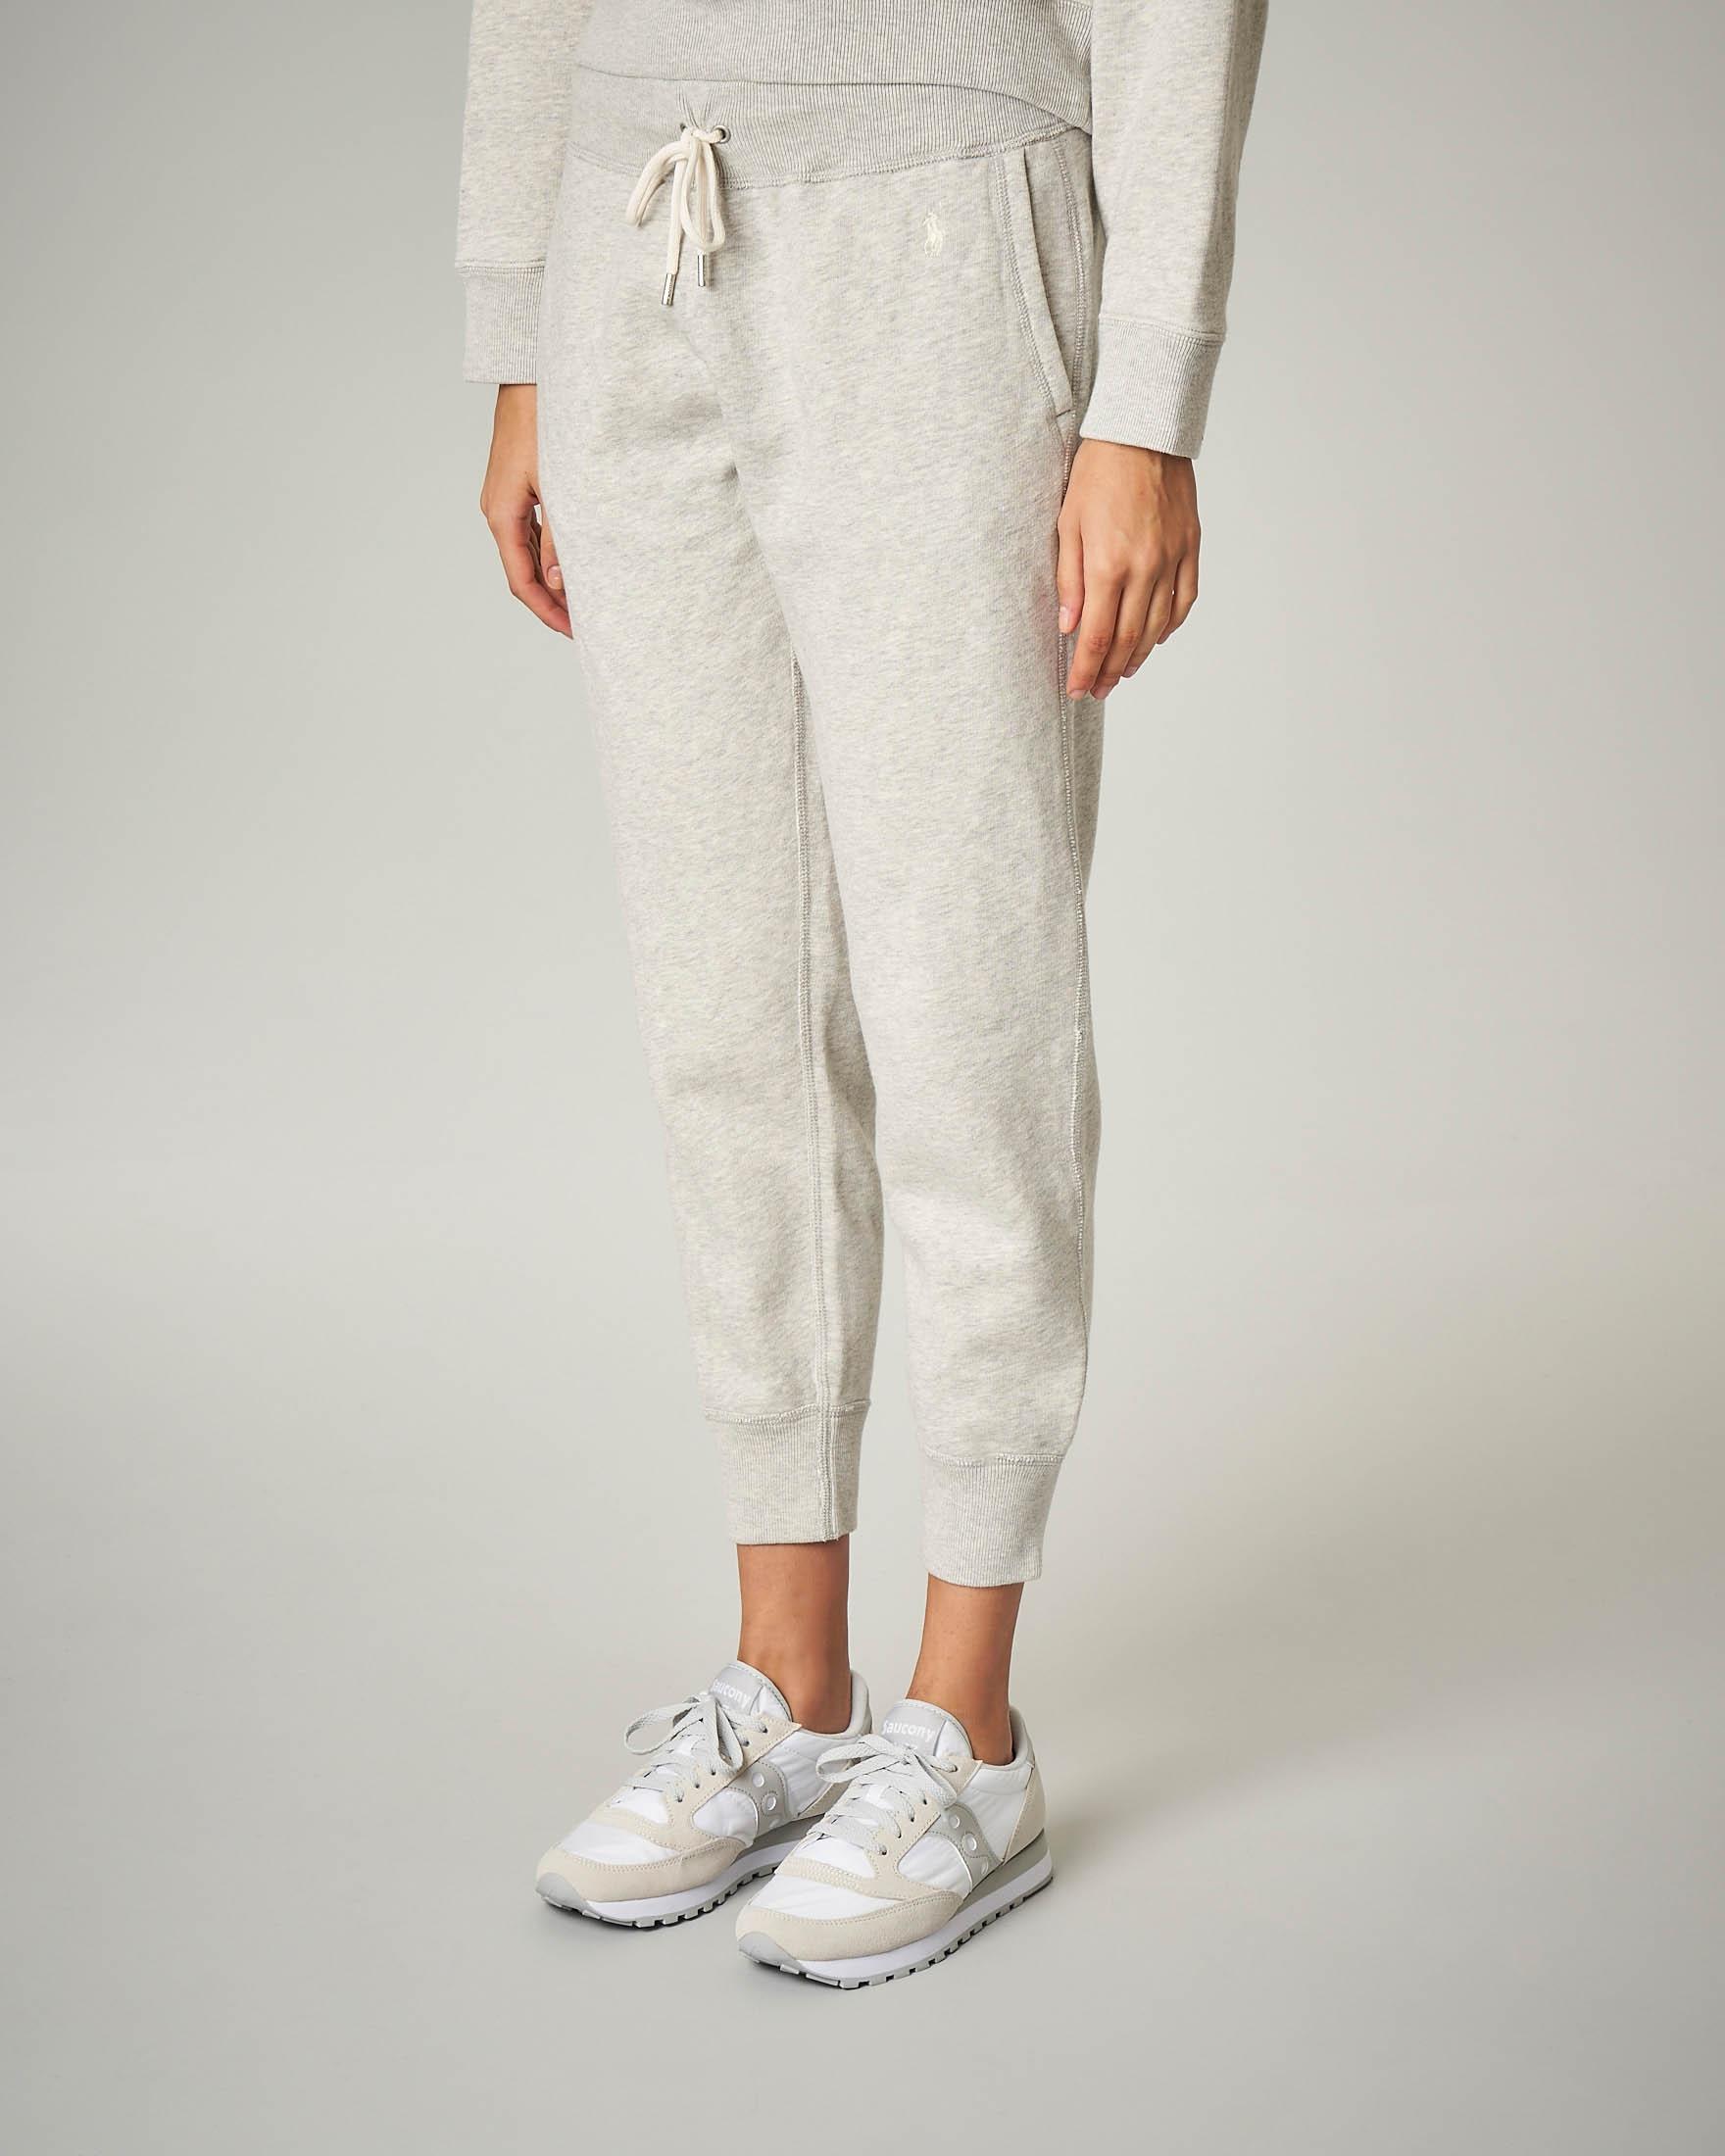 Pantaloni tuta grigi in felpa